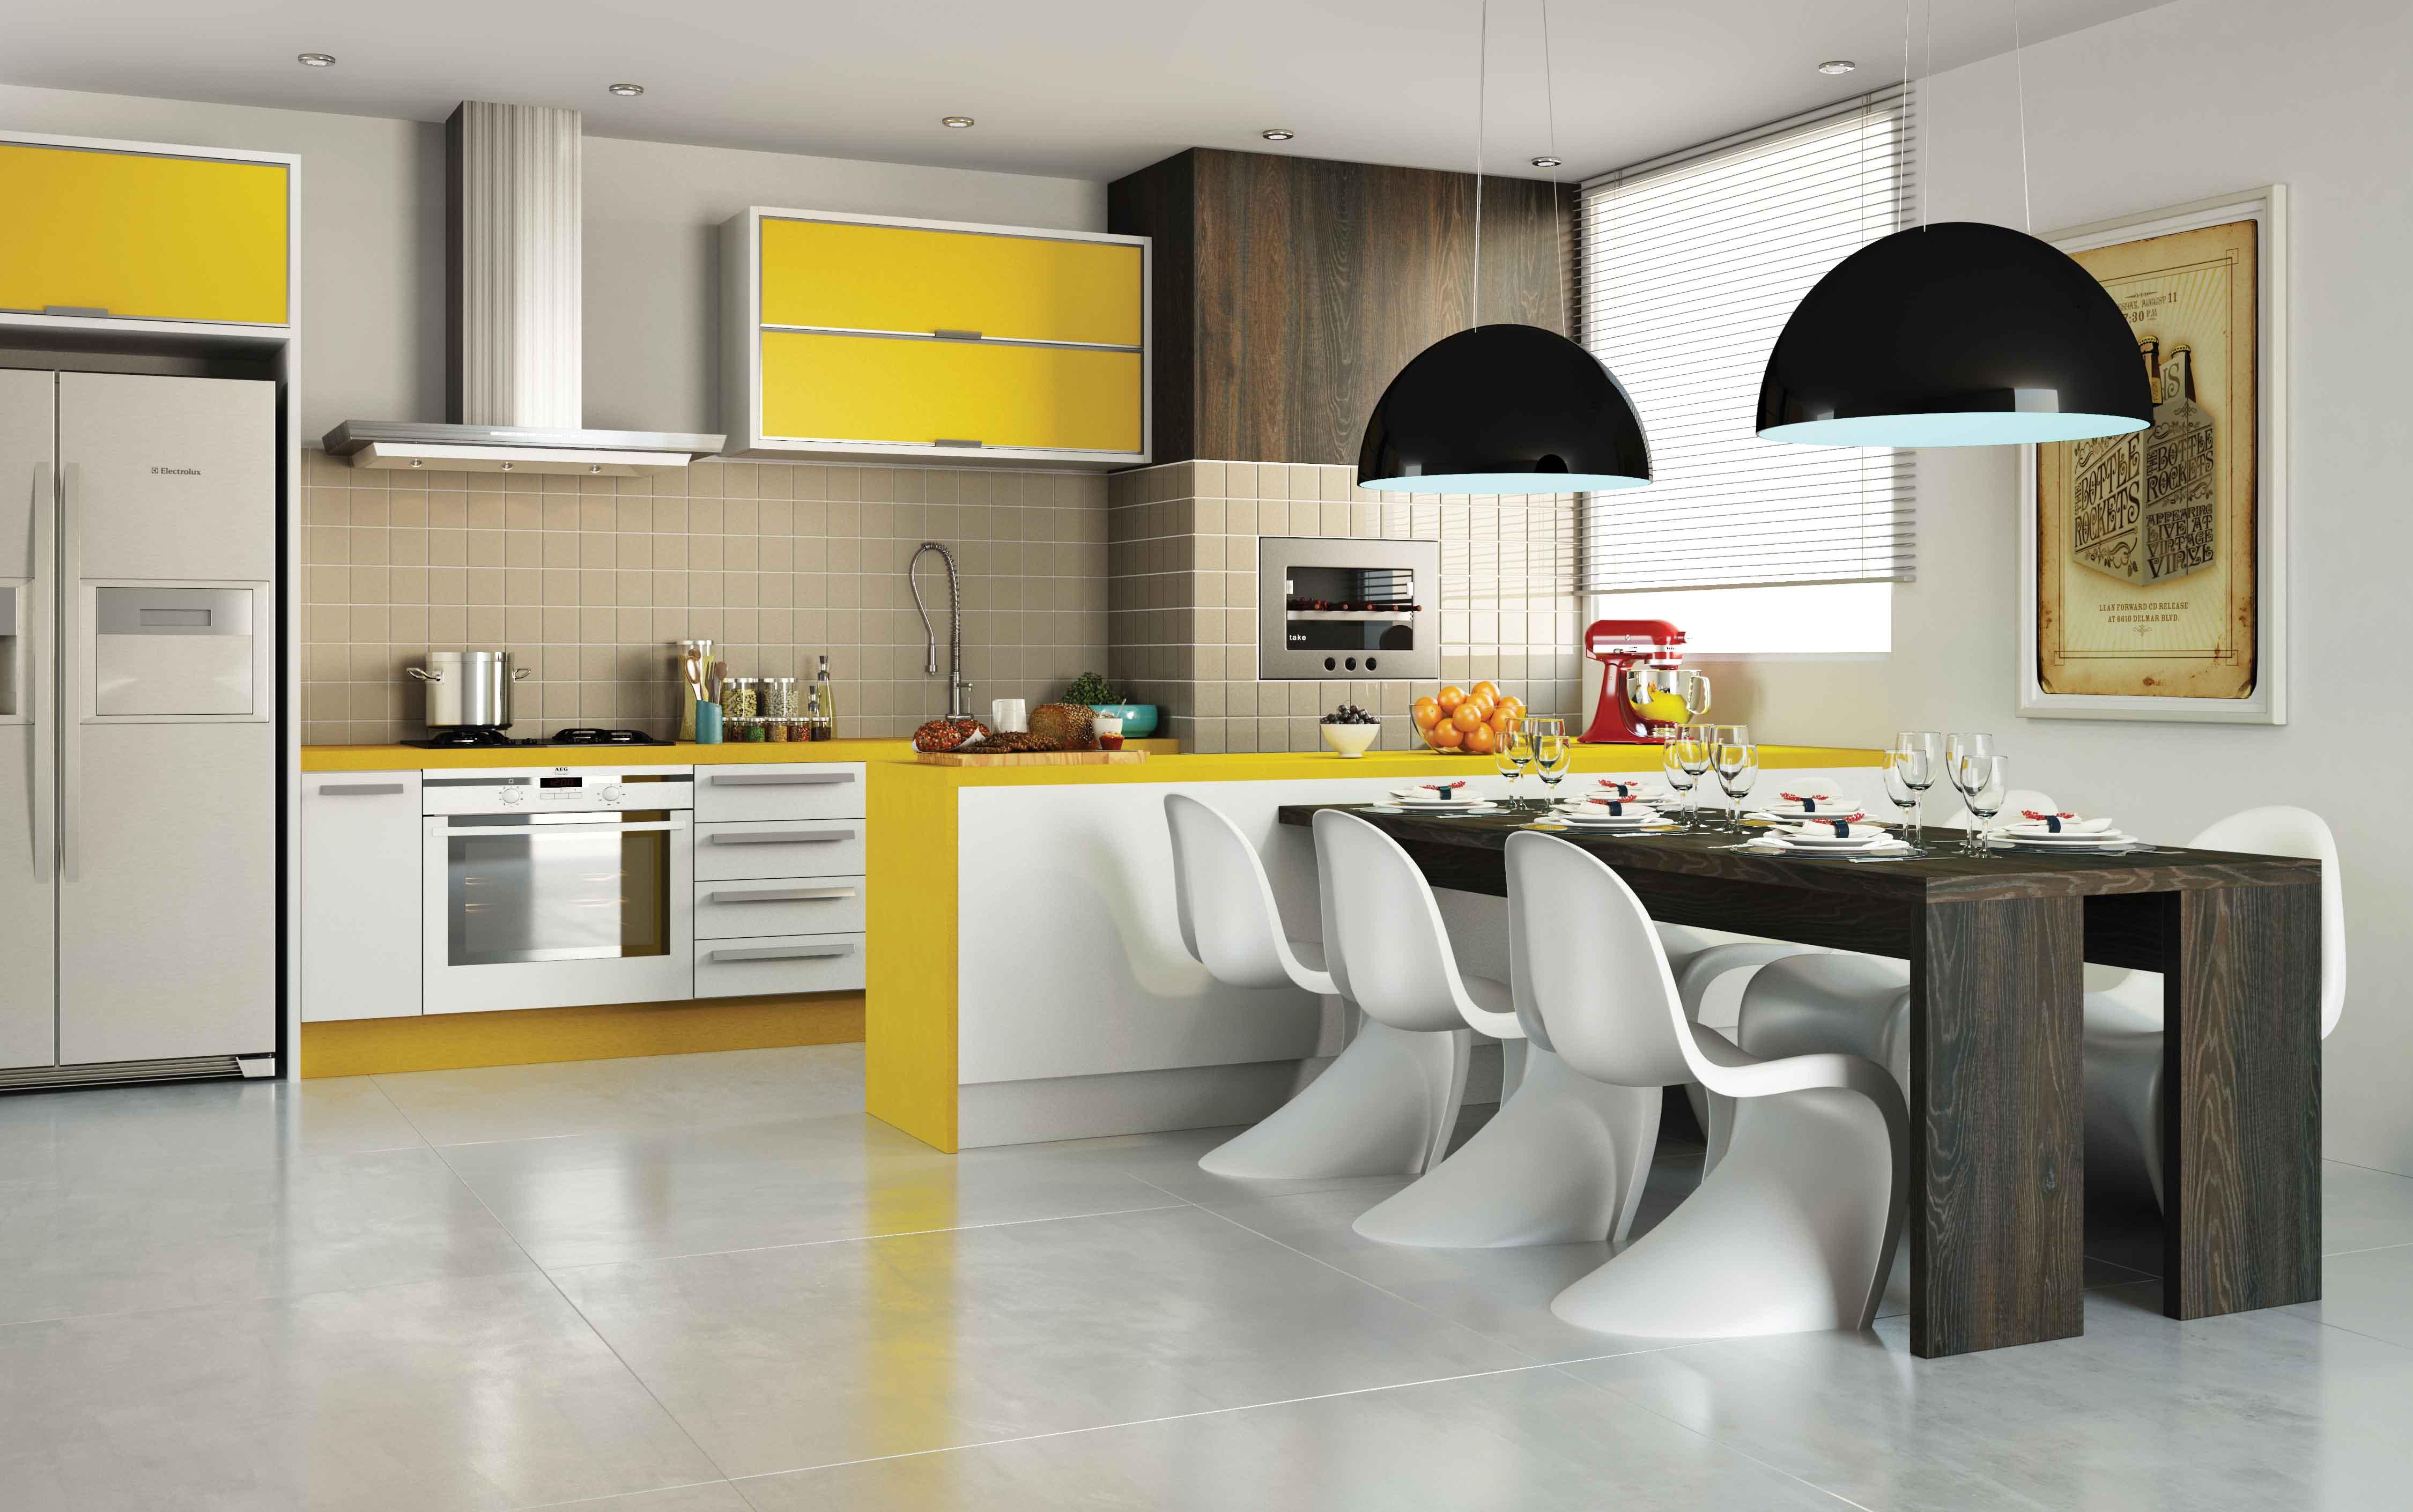 moveis planejados unierre cozinha sala quarto fabrica loja Vazlon  #AC941F 4500x2820